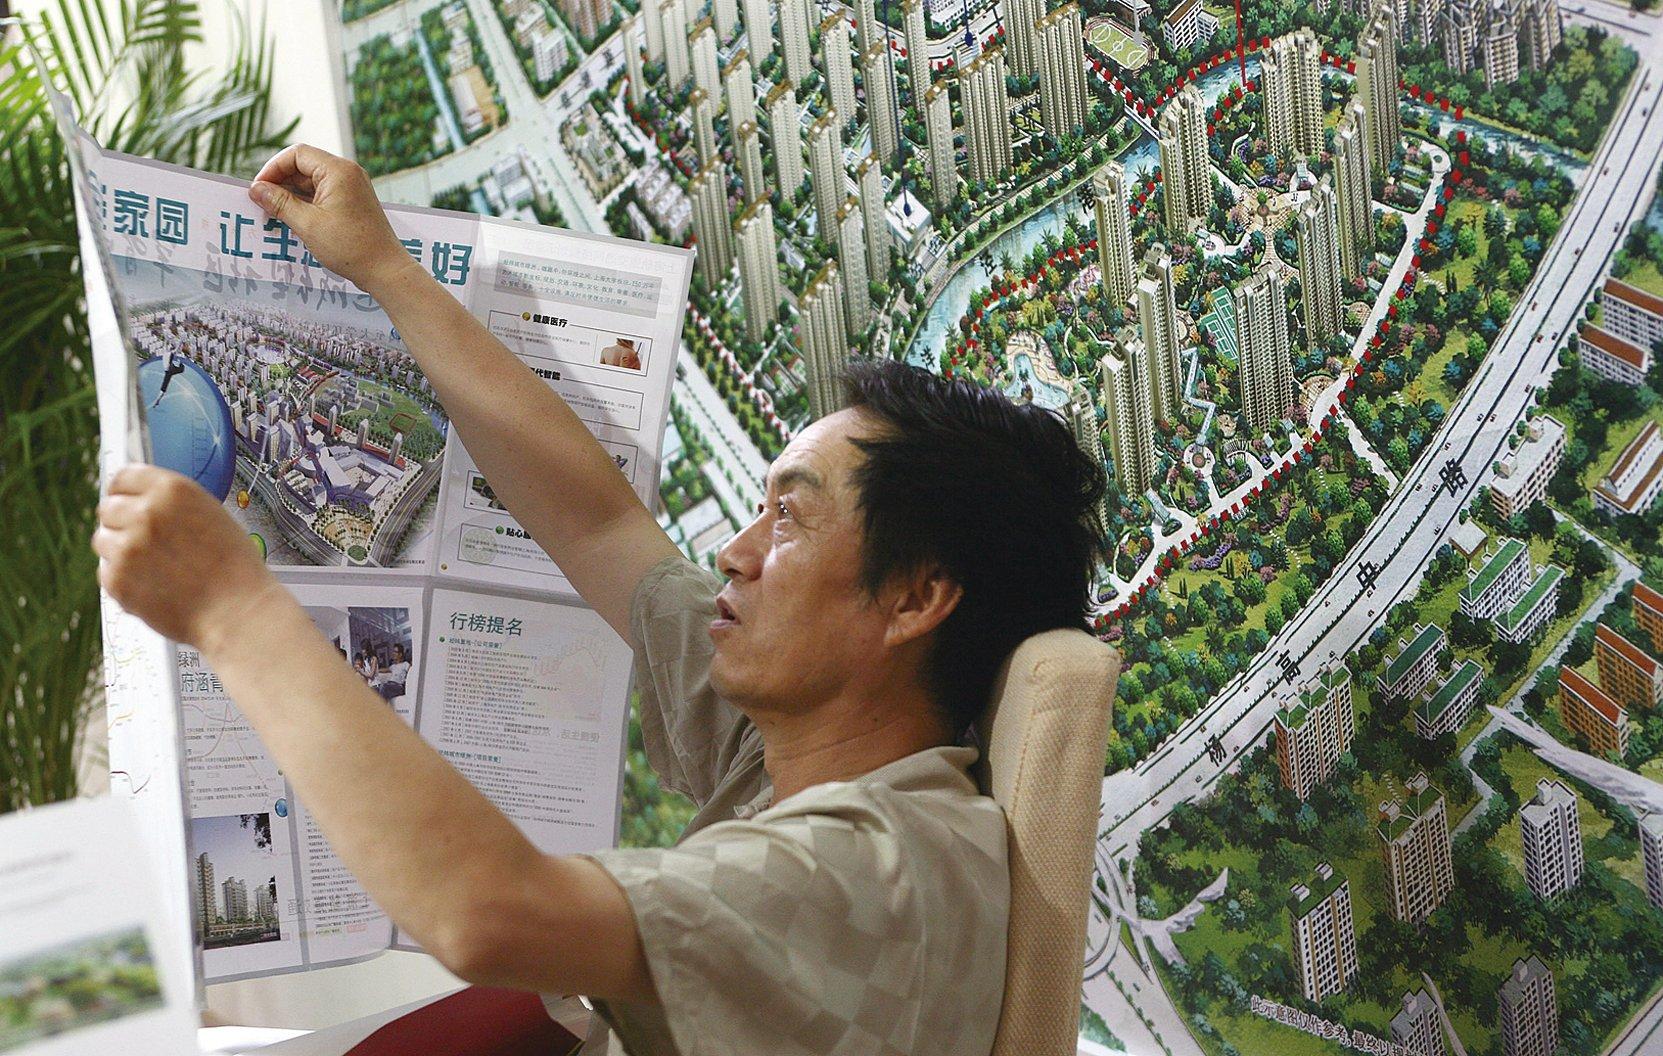 近日有消息傳,上海市將於9月份再推出收緊按揭的政策。上海市住房成交量上周再創高峰,上海房產交易中心系統一度癱瘓。當周上海新房成交量累計高達5009套。圖為一購房者正在上海某樓盤模型前閱讀房產廣告。(Getty Images)